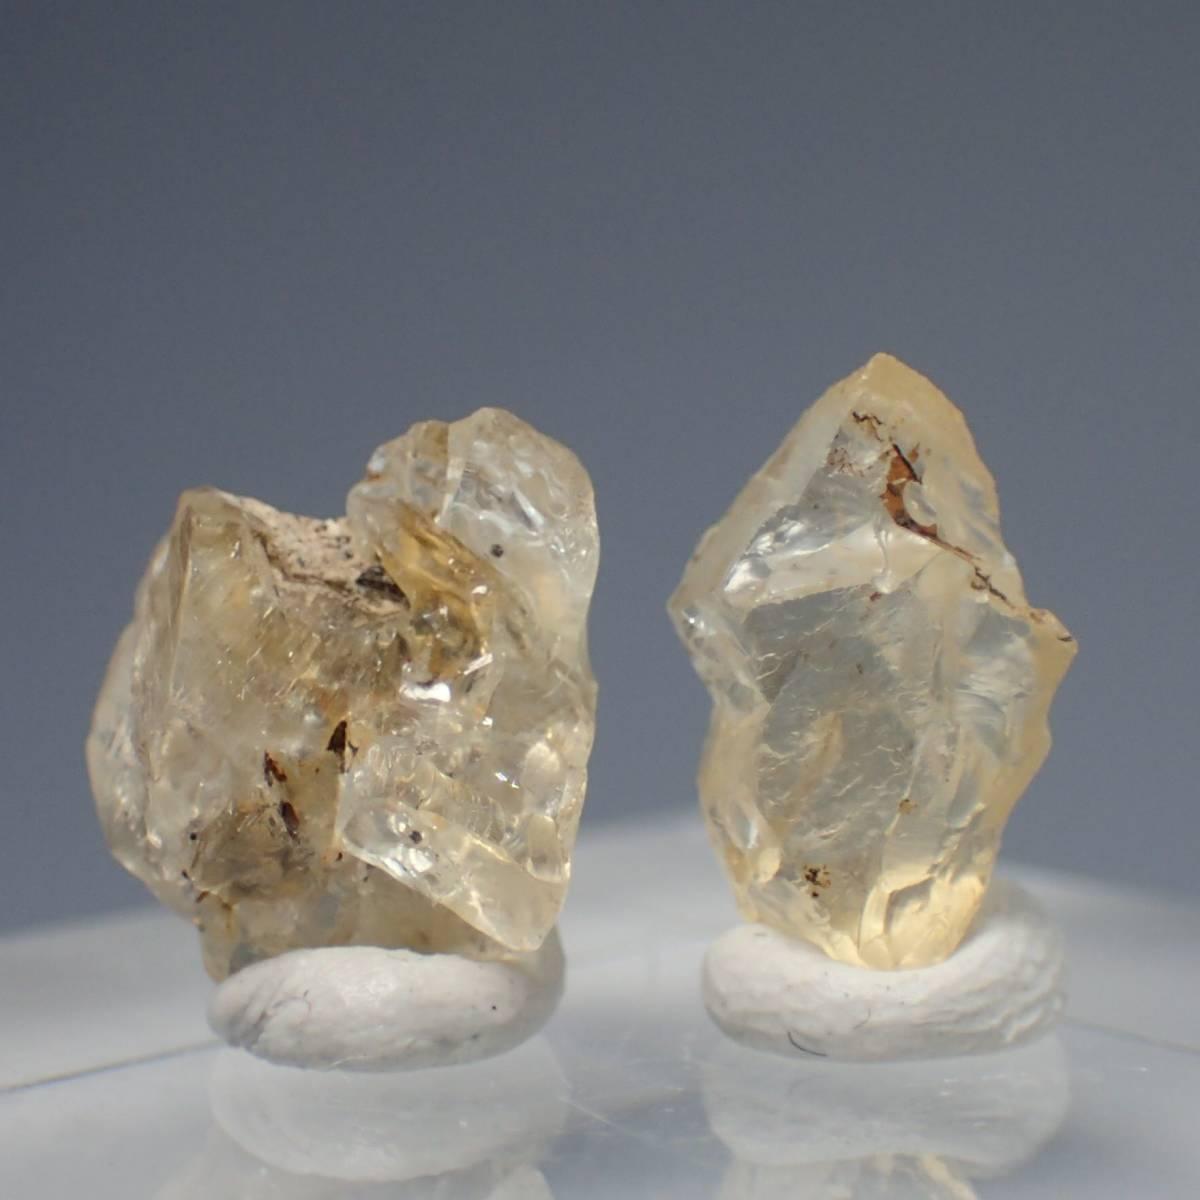 アメリカ合衆国 ユタ州 サンストーンノール産 サンストーン 計4.35ct 天然石 鉱物標本 長石 ラブラドライト パワーストーン_画像1